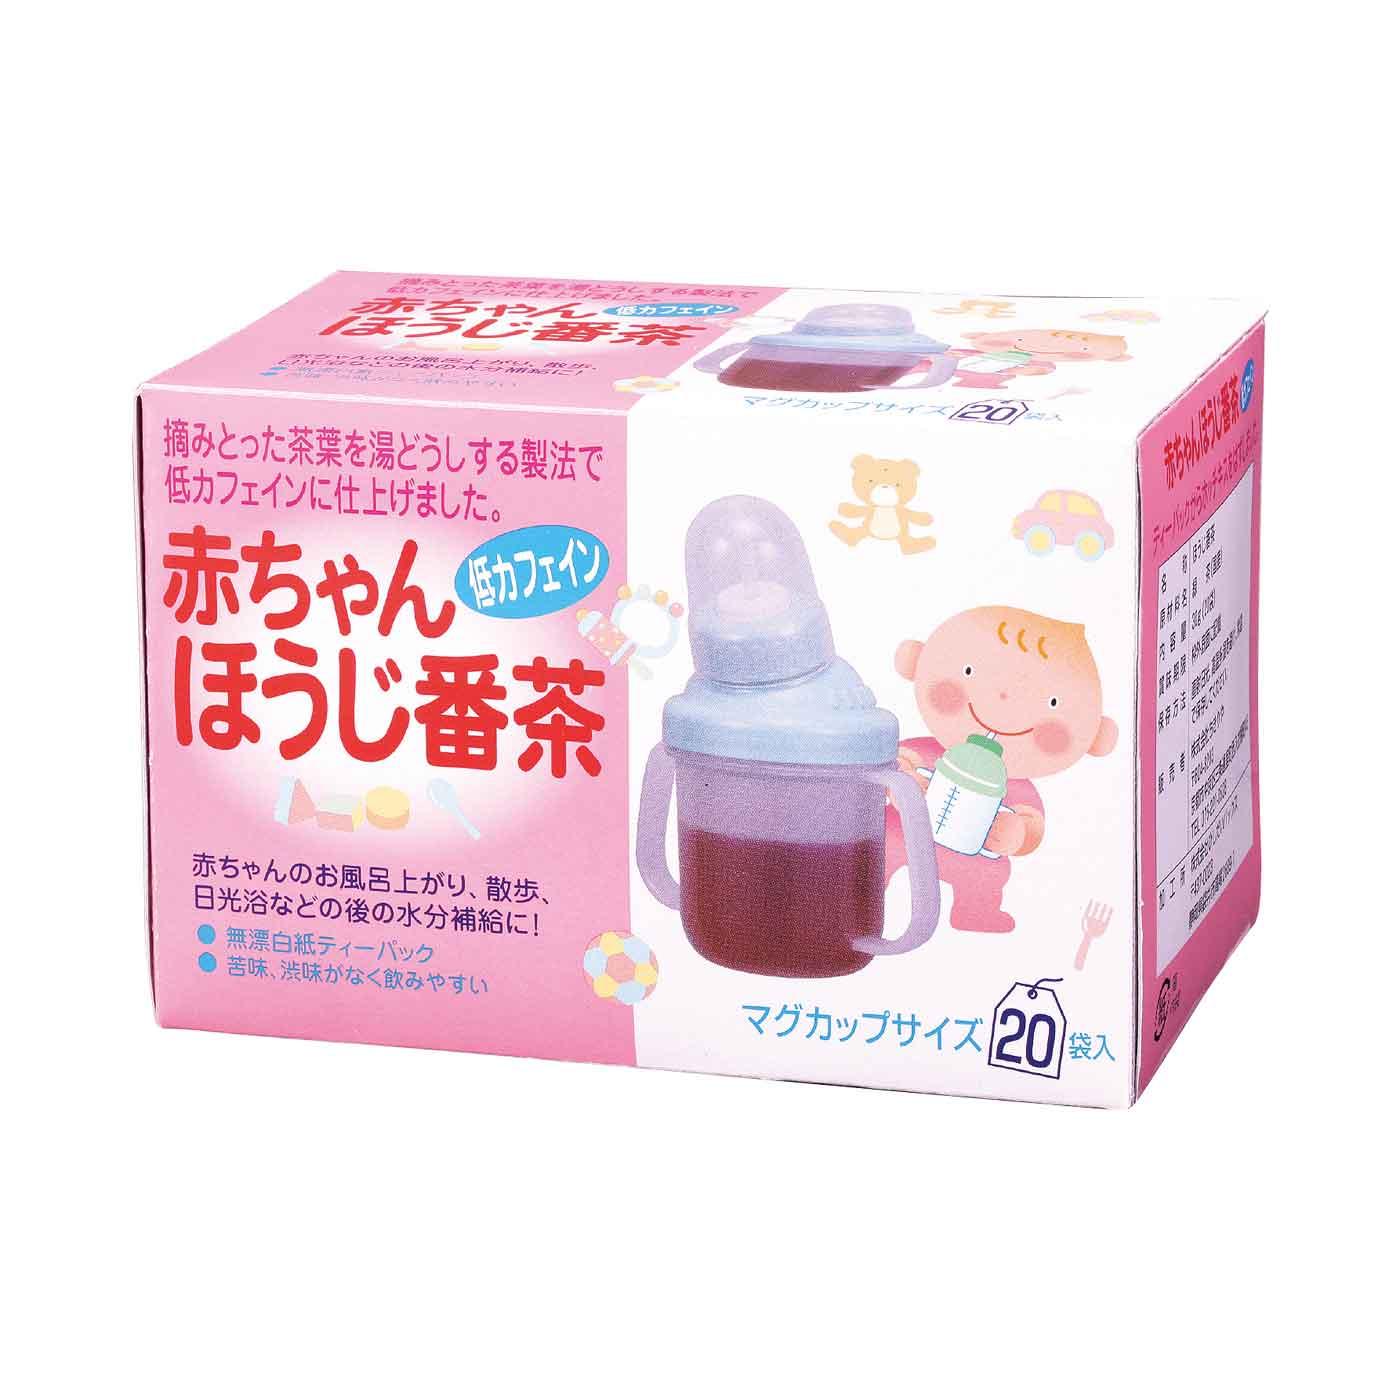 [京都府]赤ちゃんほうじ番茶 1.5g×25<:V00657999028:>